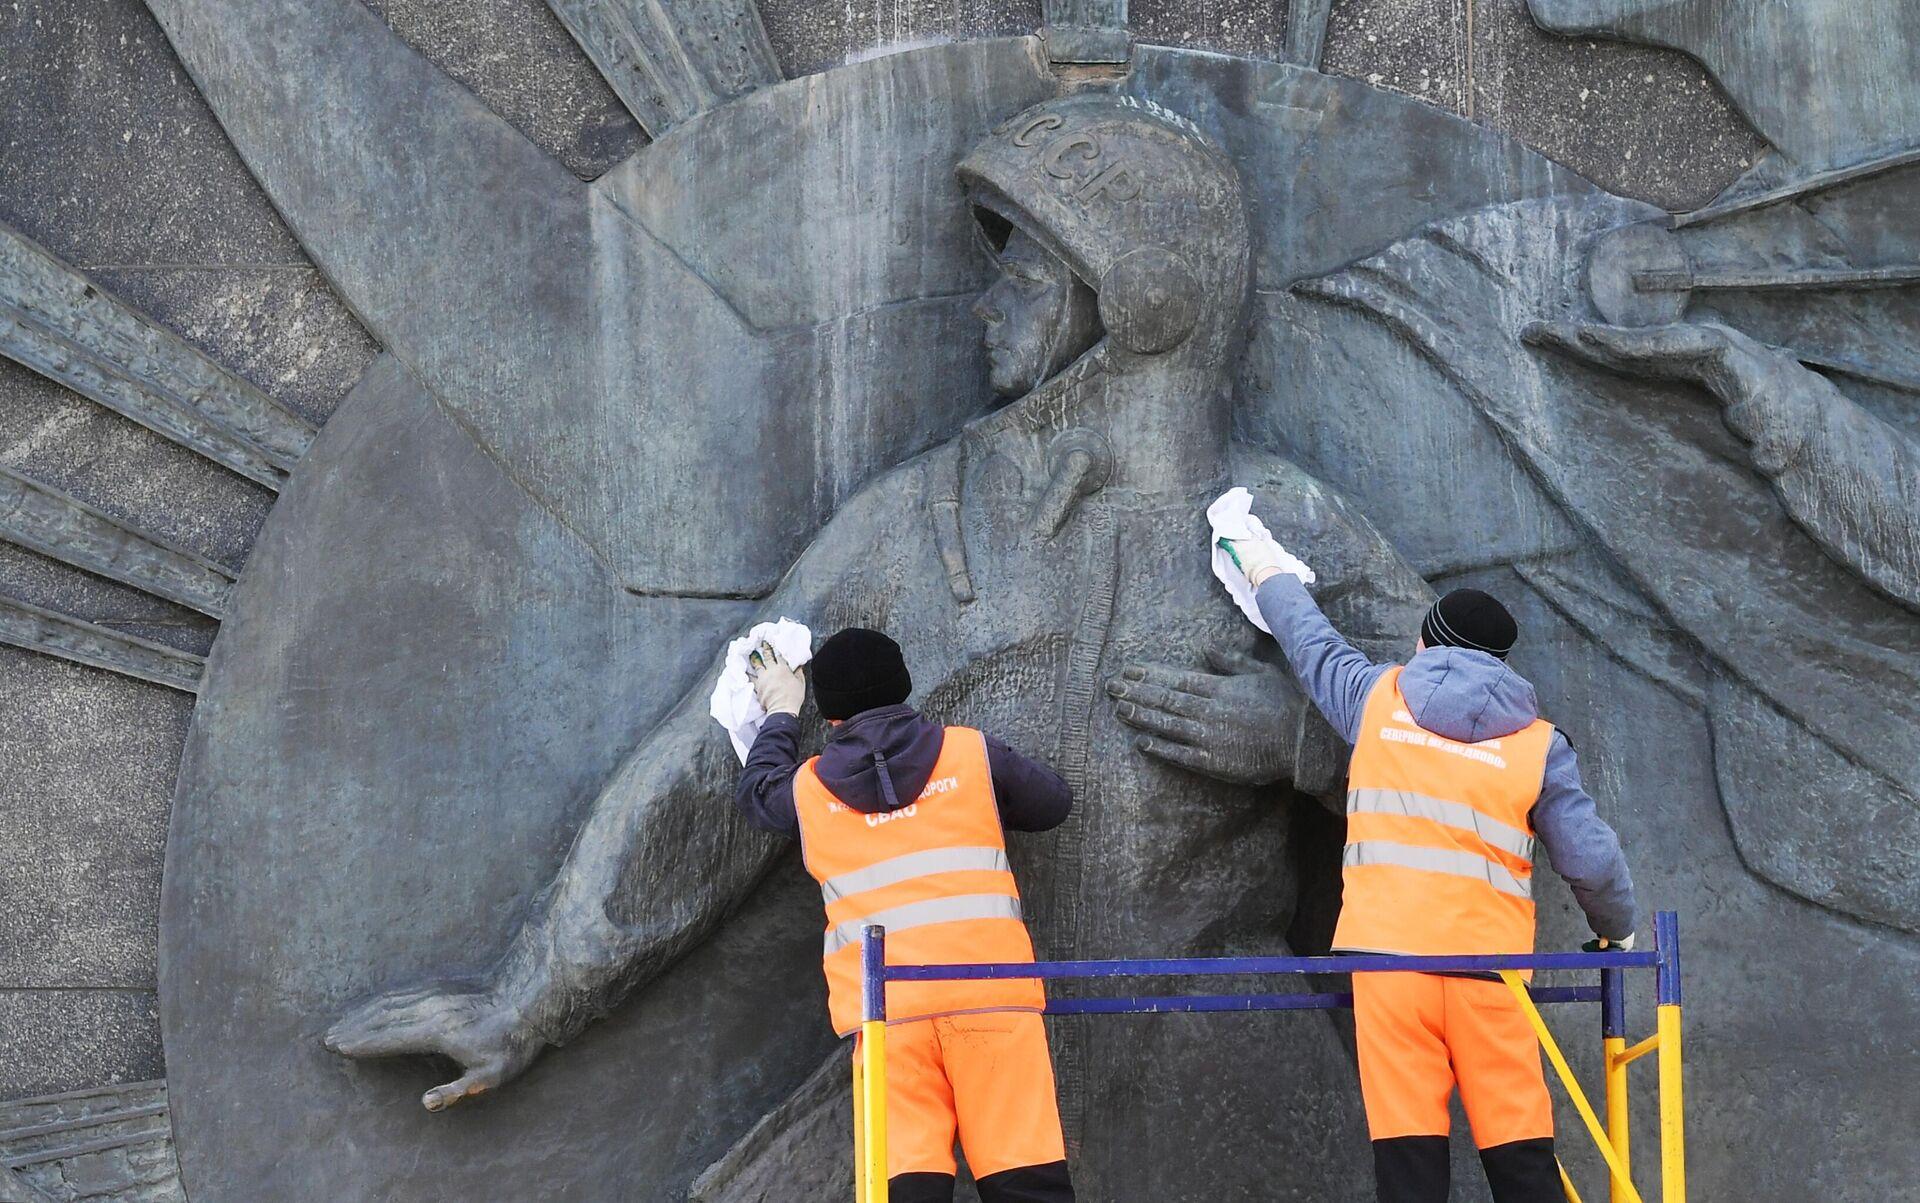 Помывка памятников Ю. Гагарину в Москве - РИА Новости, 1920, 28.05.2021